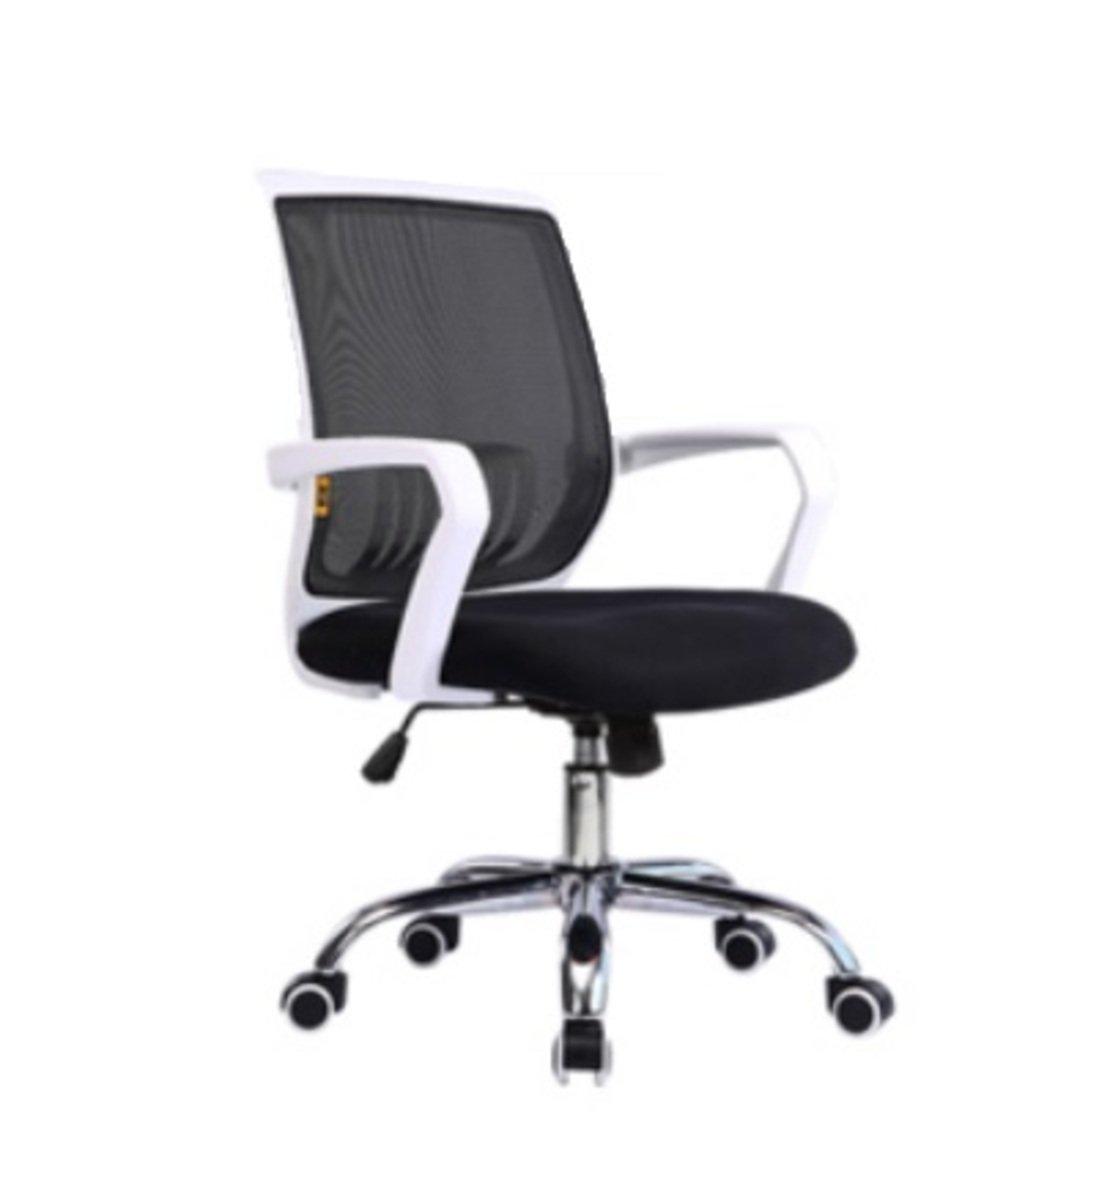 人體工學辦公椅-白框(黑色)